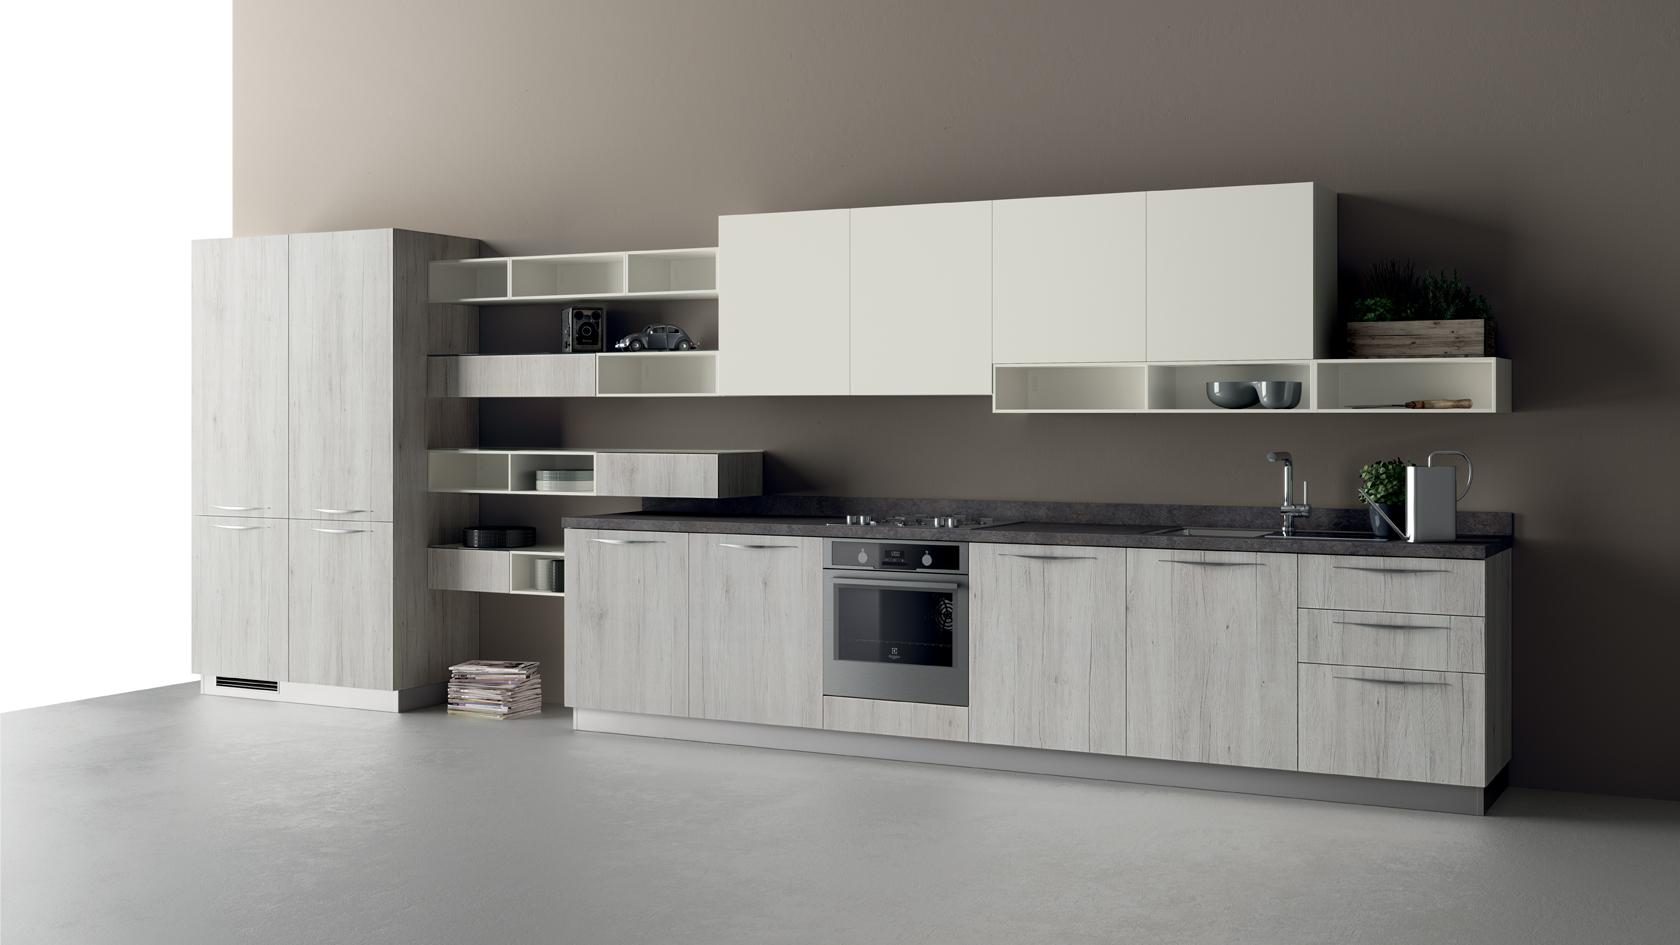 Arredi e Interni by Mauro Manfredini | Cucina Scavolini Mood